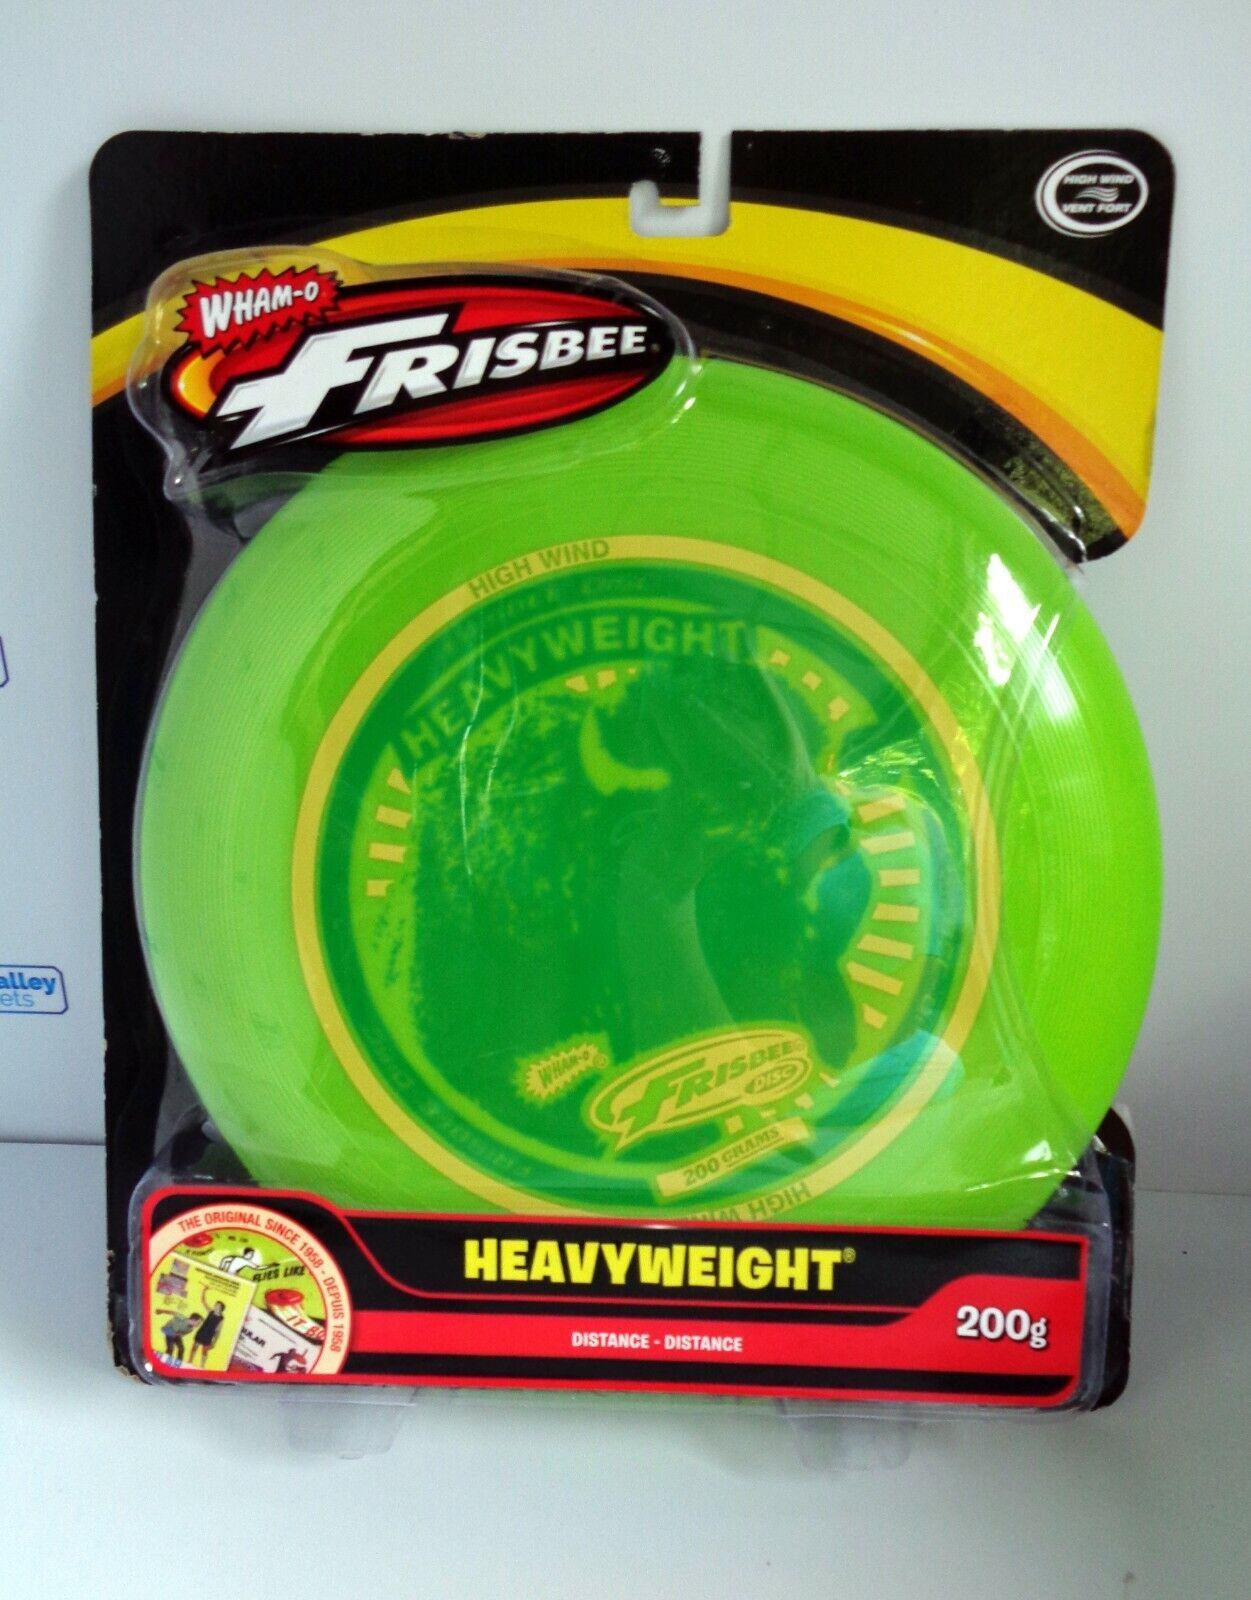 Wham-O 200g World Class Heavyweight Frisbee